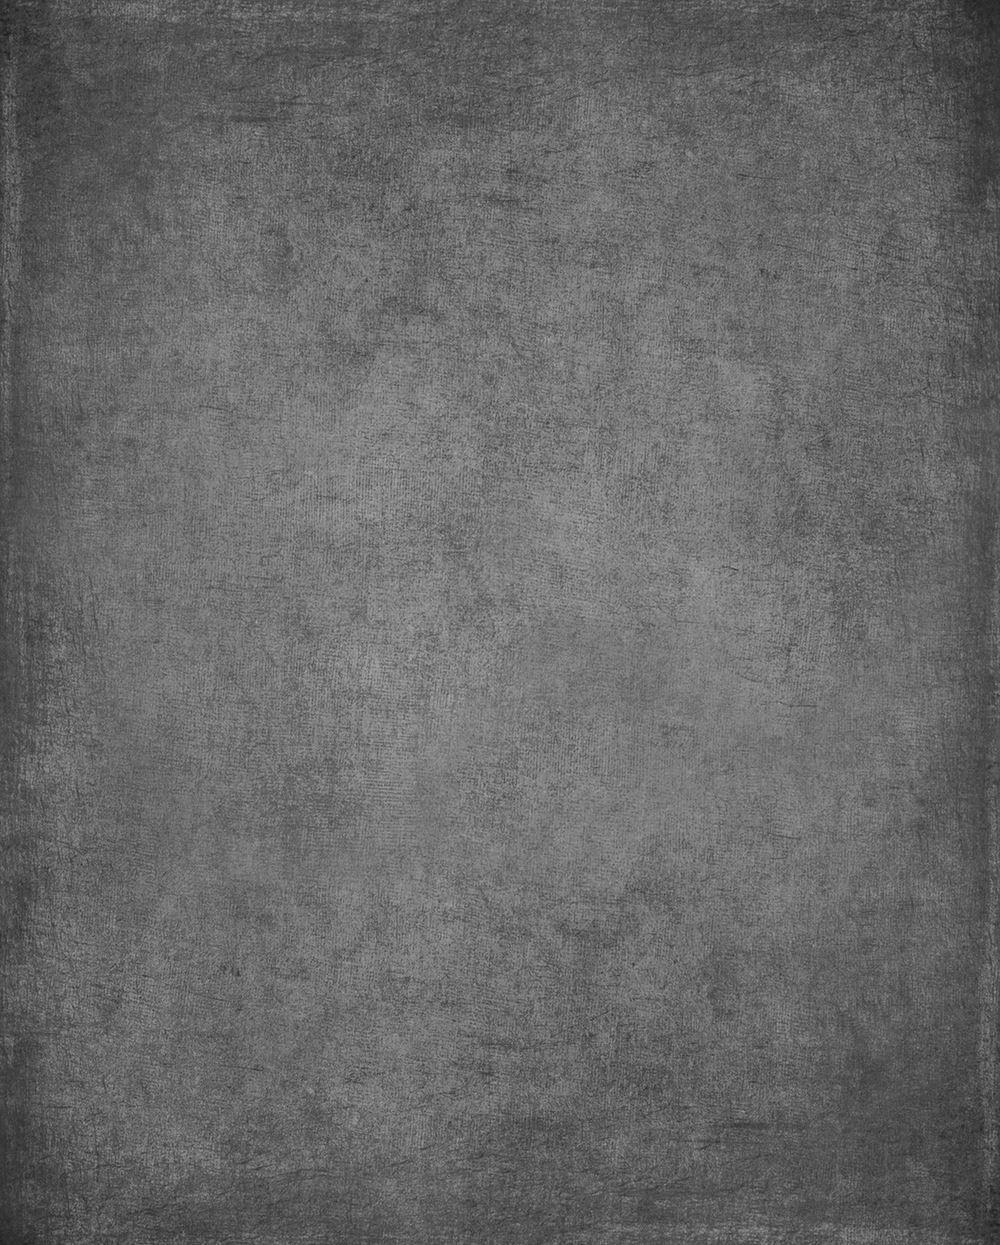 dark gray backgrounds texture